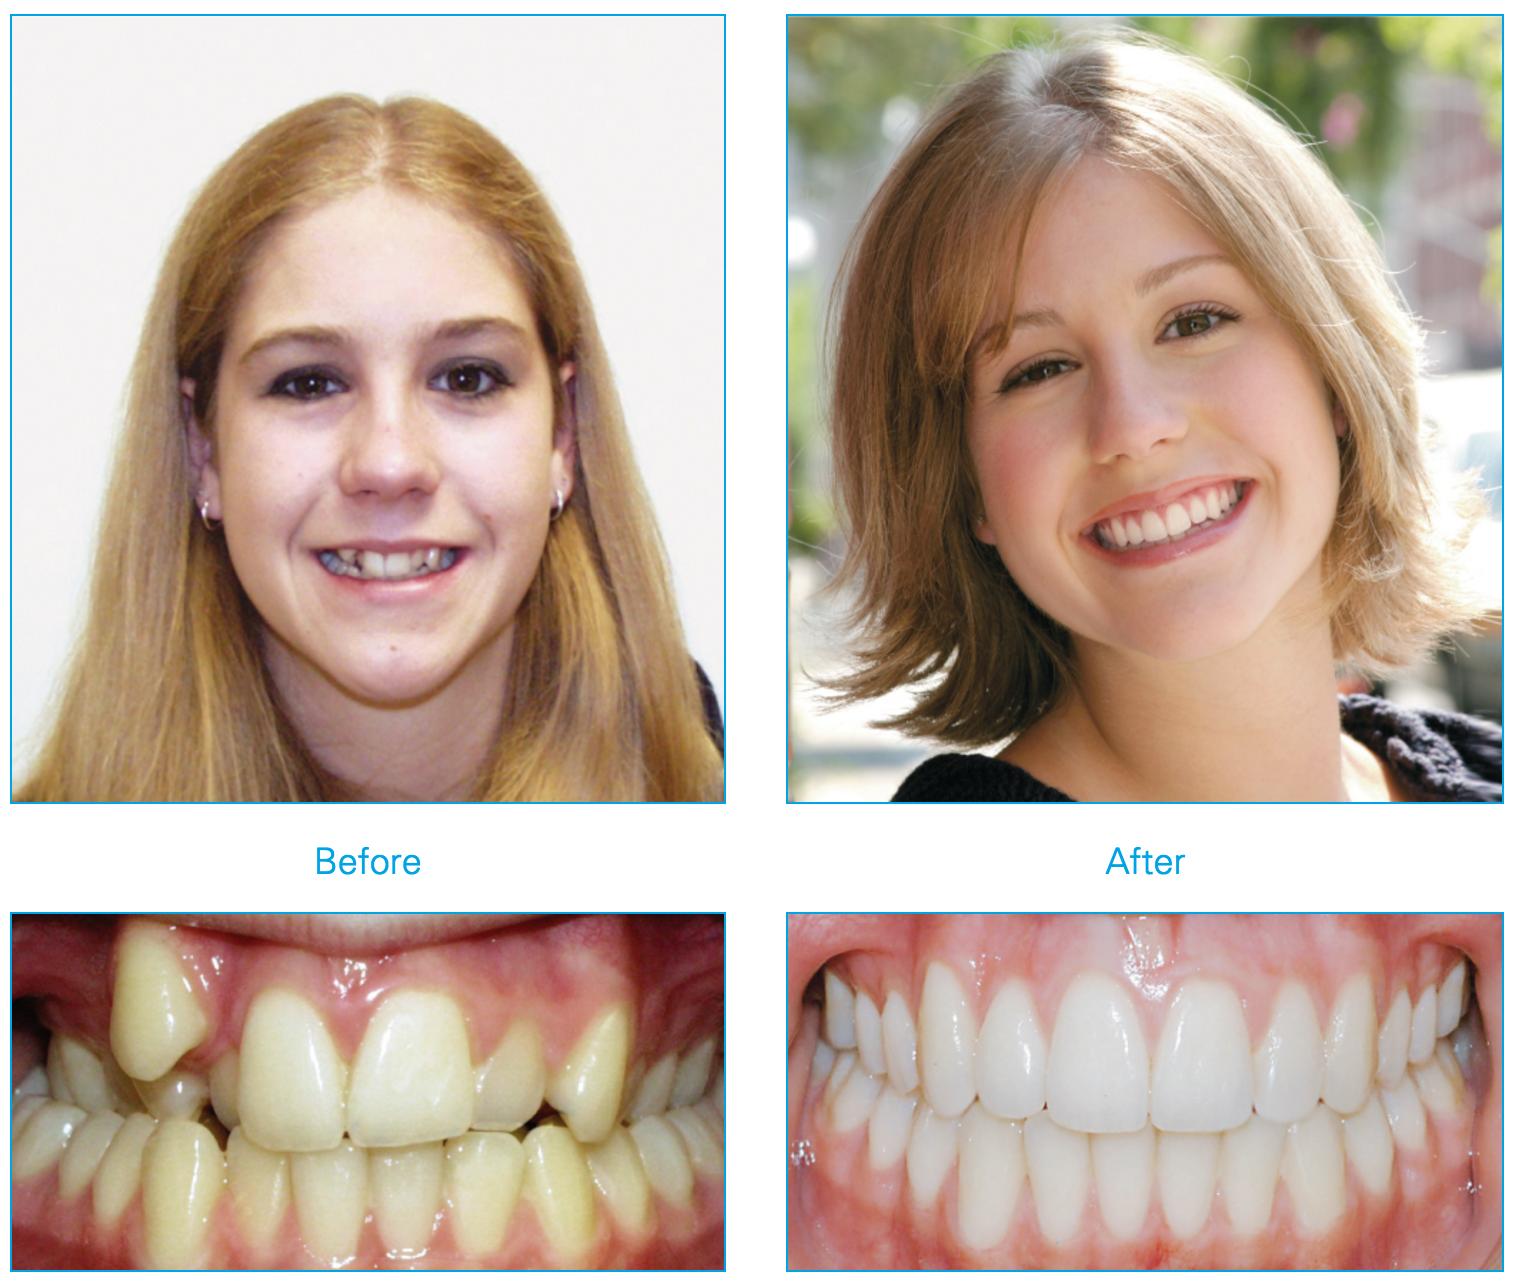 tratamiento ortodoncia con sistema Damon antes y después Instituto Dental Doctor Carreño